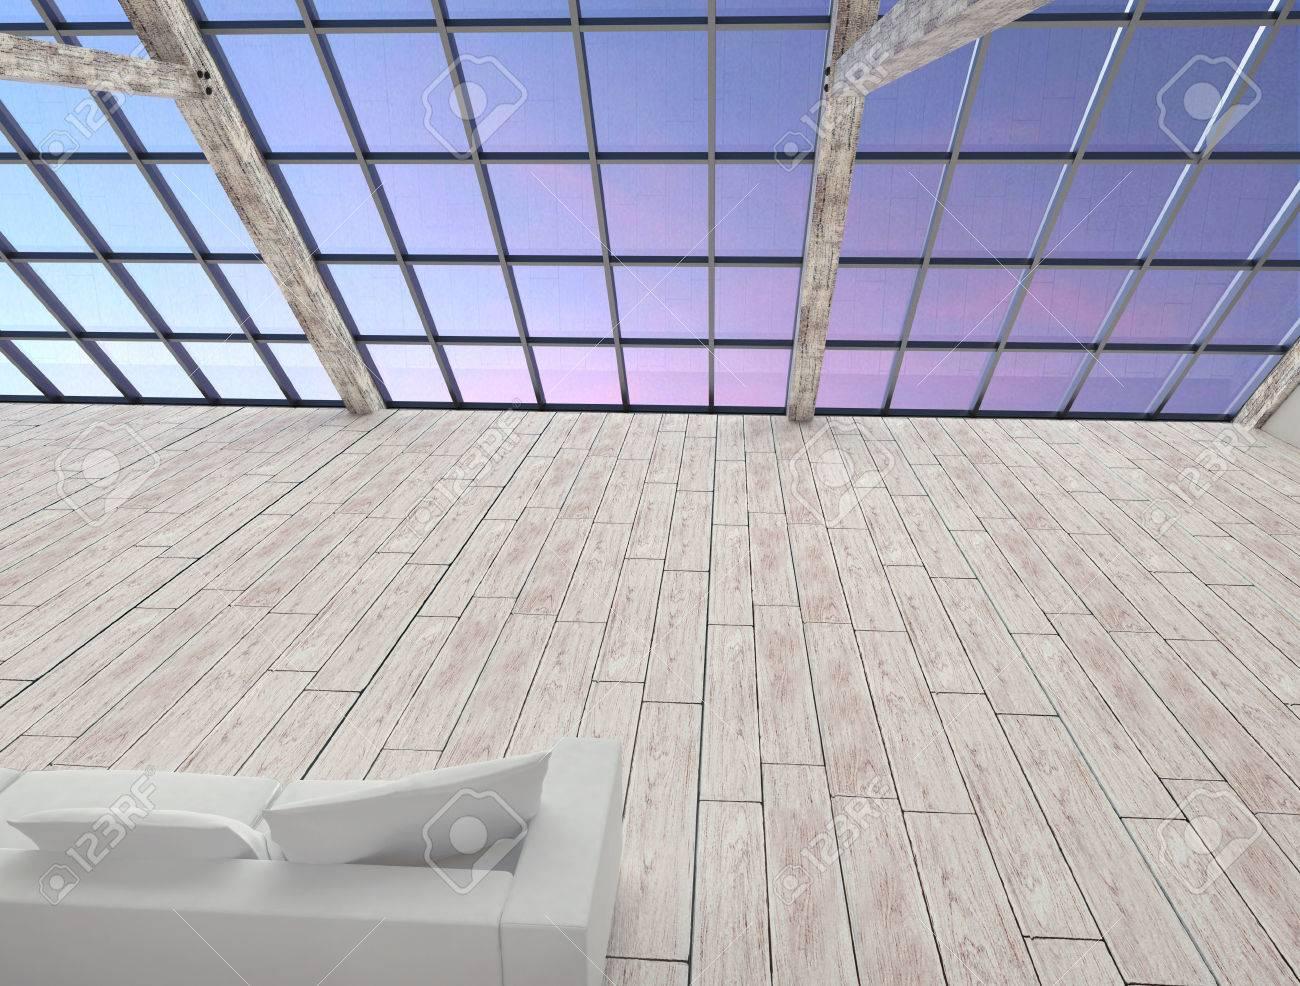 Intérieur grenier avec bureau blanc en bois de grandes fenêtres